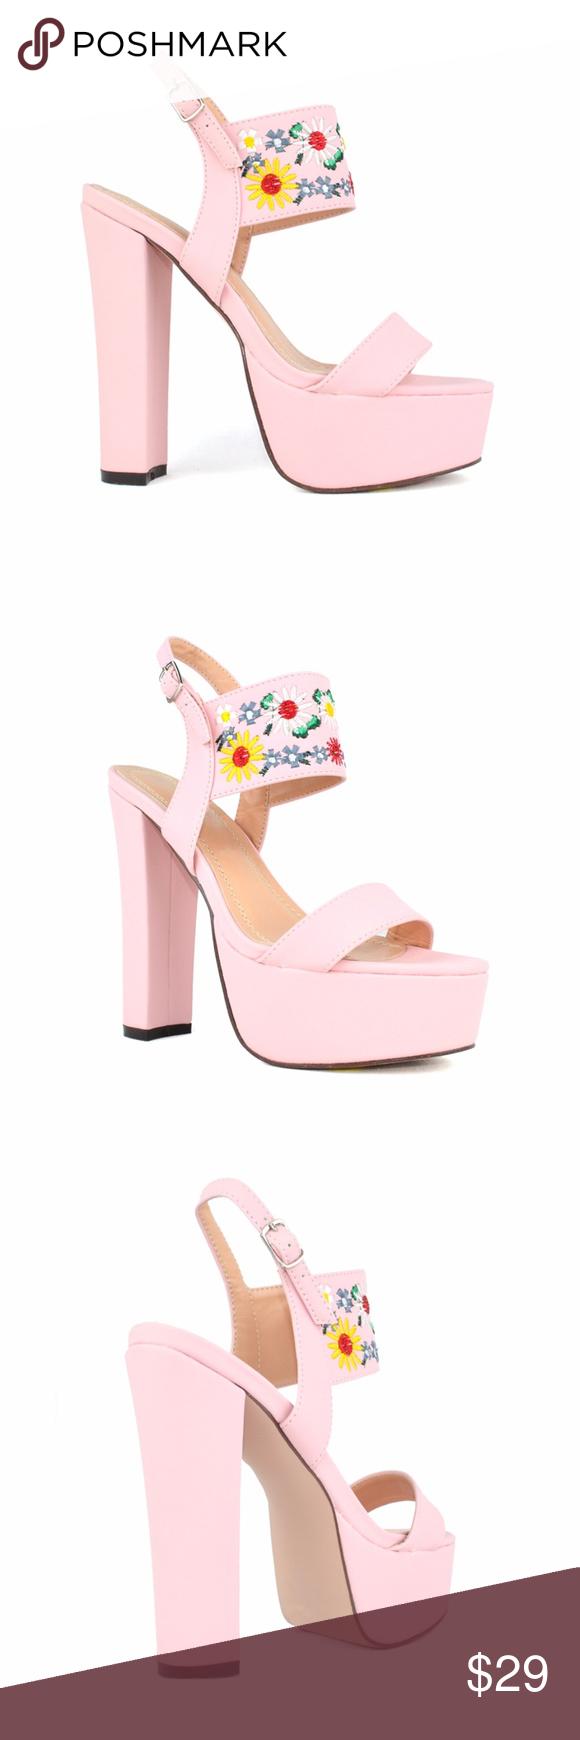 Chase Chloe Cali Pink Flower Heeled Platform Boutique Pinterest